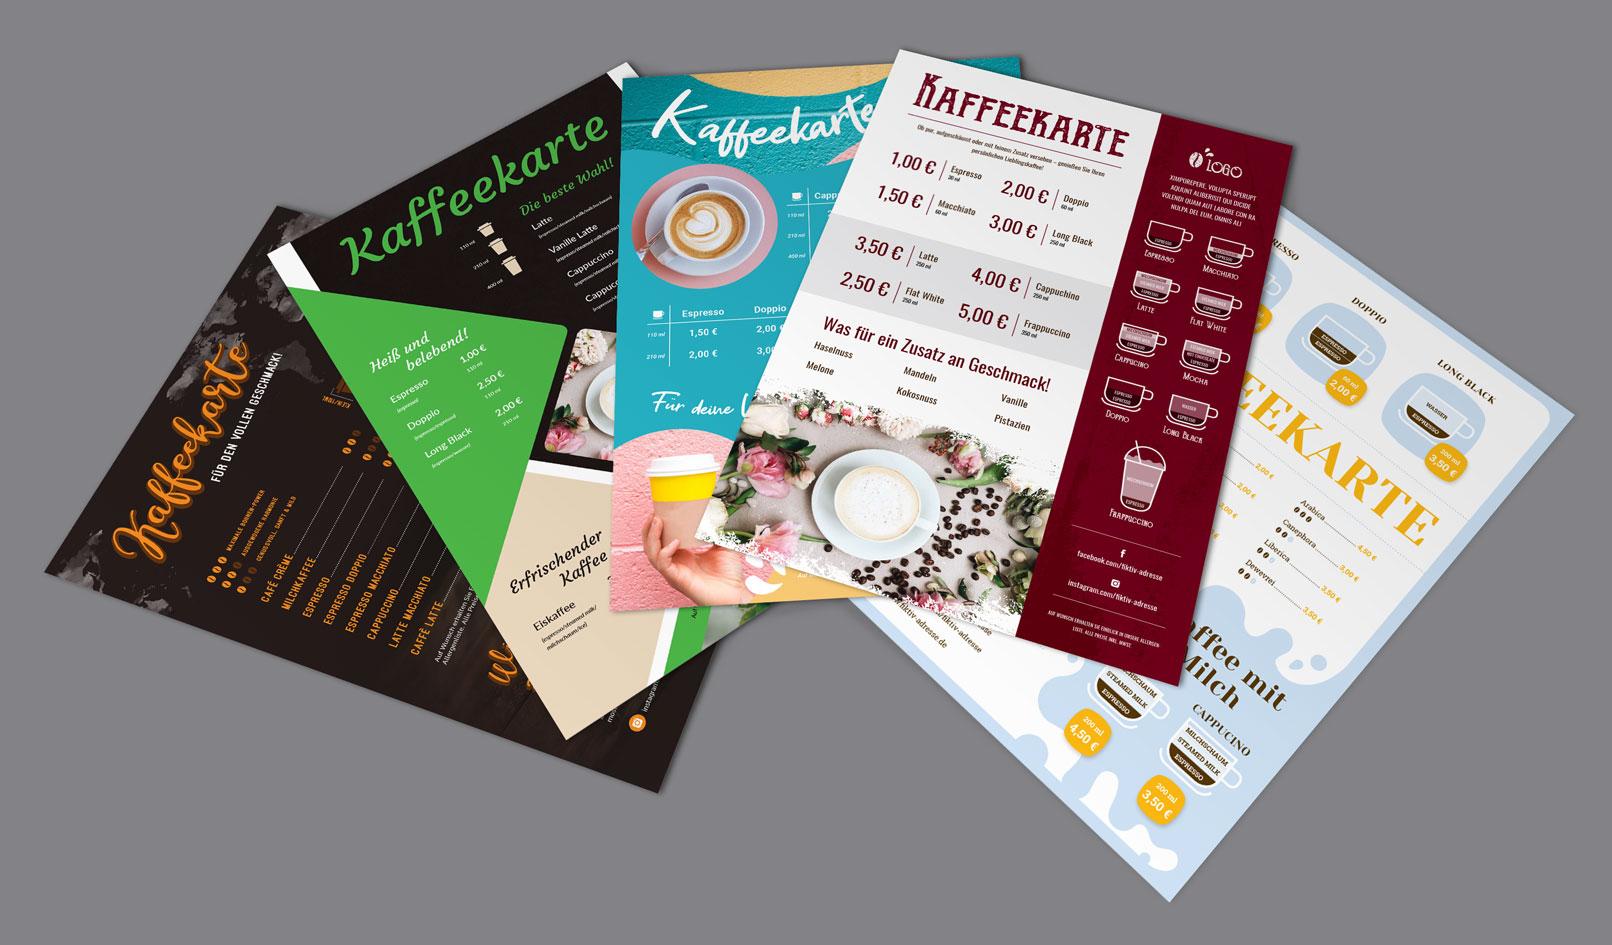 Kaffeekarten-Vorlagen zur Bearbeitung in InDesign, Photoshop und Word